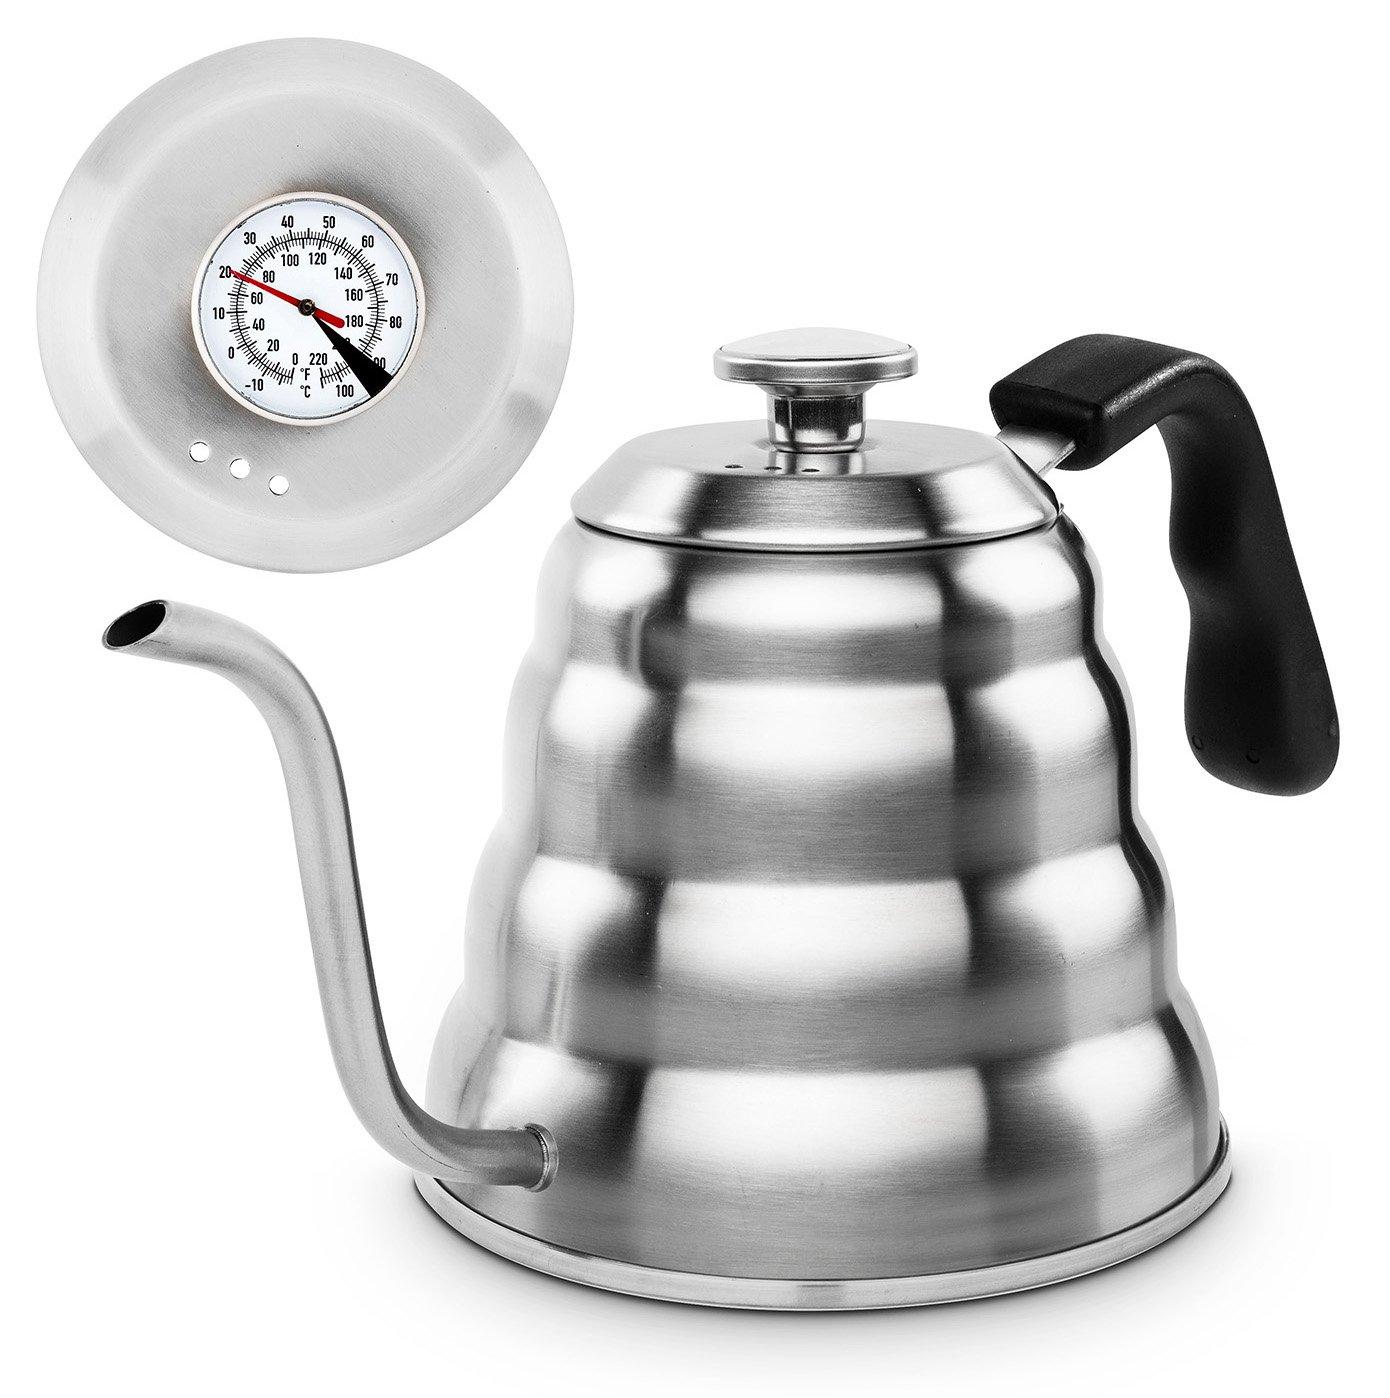 Bollitore in acciaio inox per tè o caffè, con termometro, adatto a un piano cottura a gas e in vetroceramica, di capacità 1,2l, con incluso il cucchiaio in acciaio inox di capacità 1 2l Buntfink